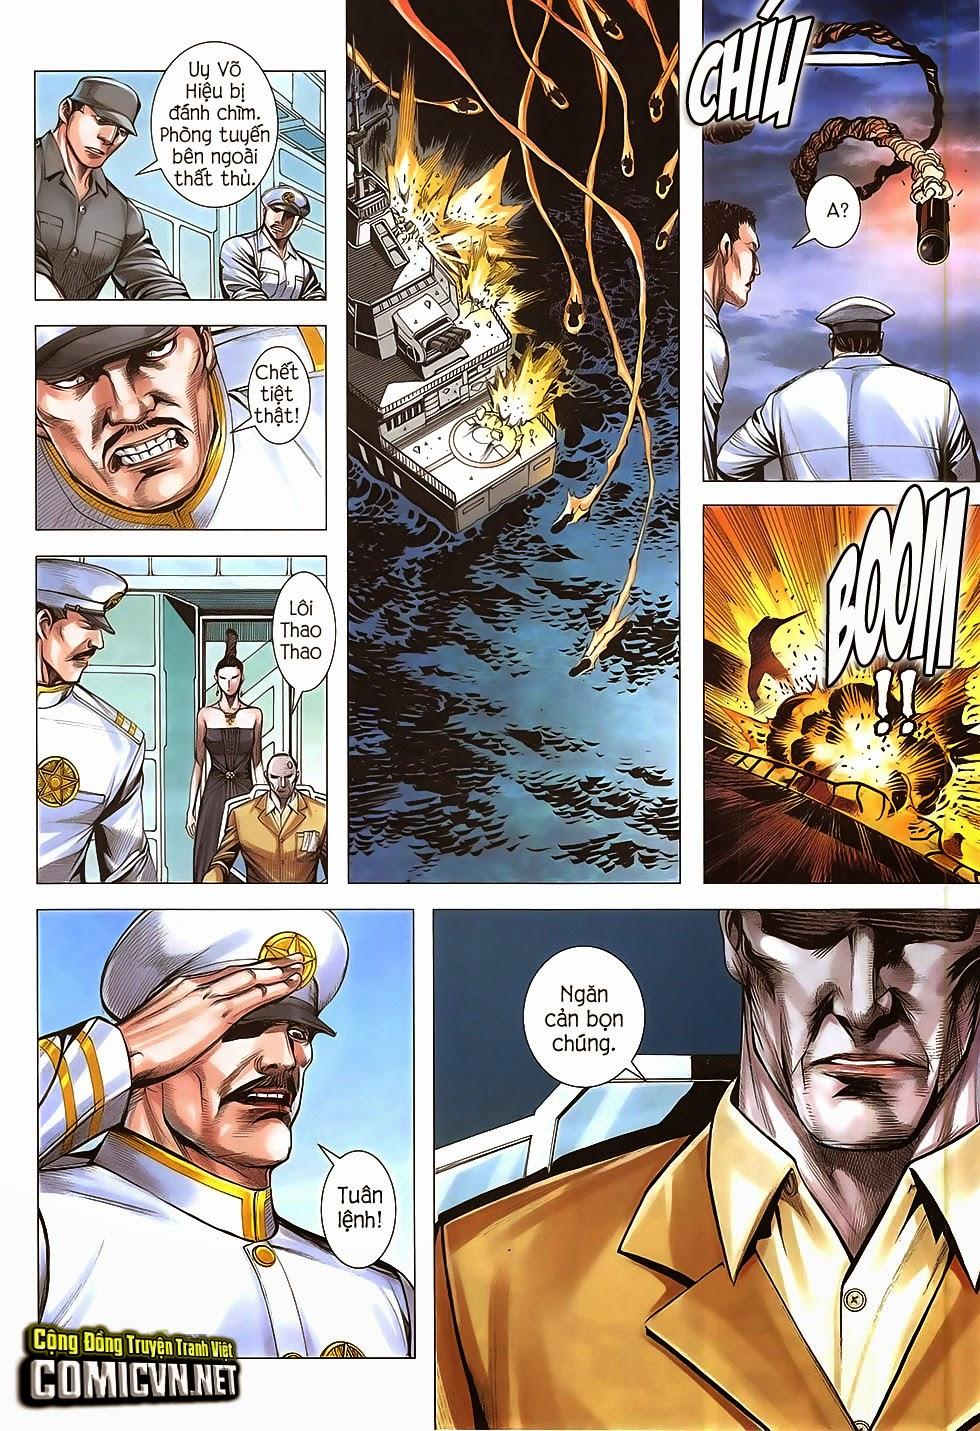 Đại Quân Phiệt chap 47: lời hứa trước khi thế giới chung kết trang 21